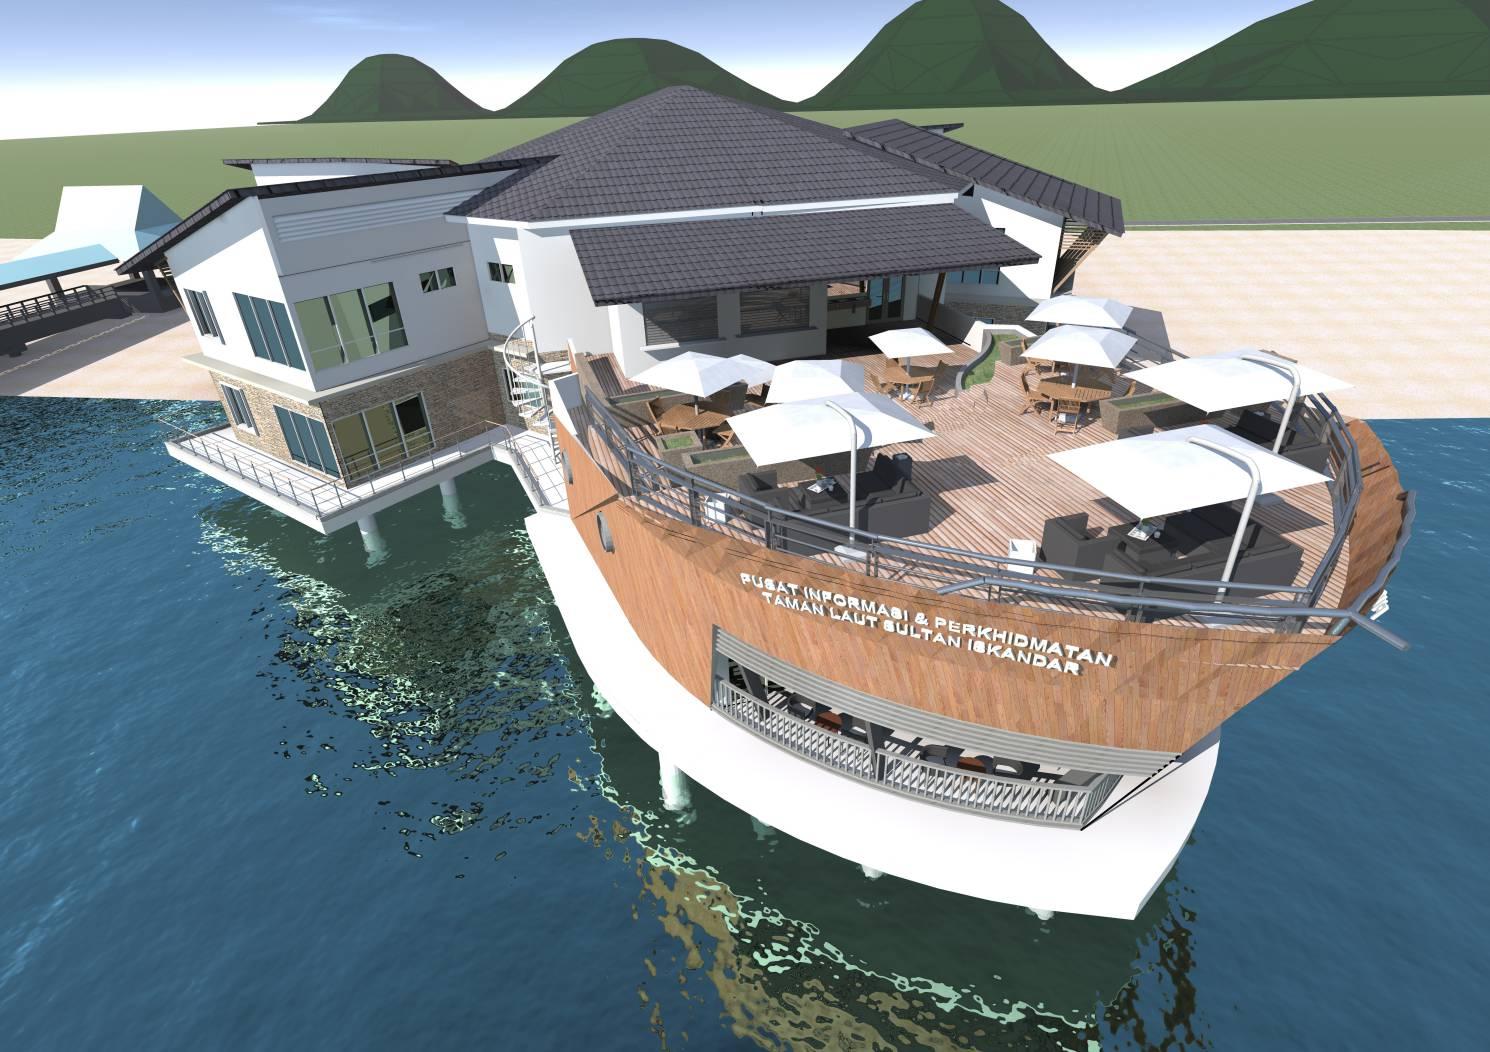 Pusat Informasi & Perkhidmatan Taman Laut Sultan Iskandar